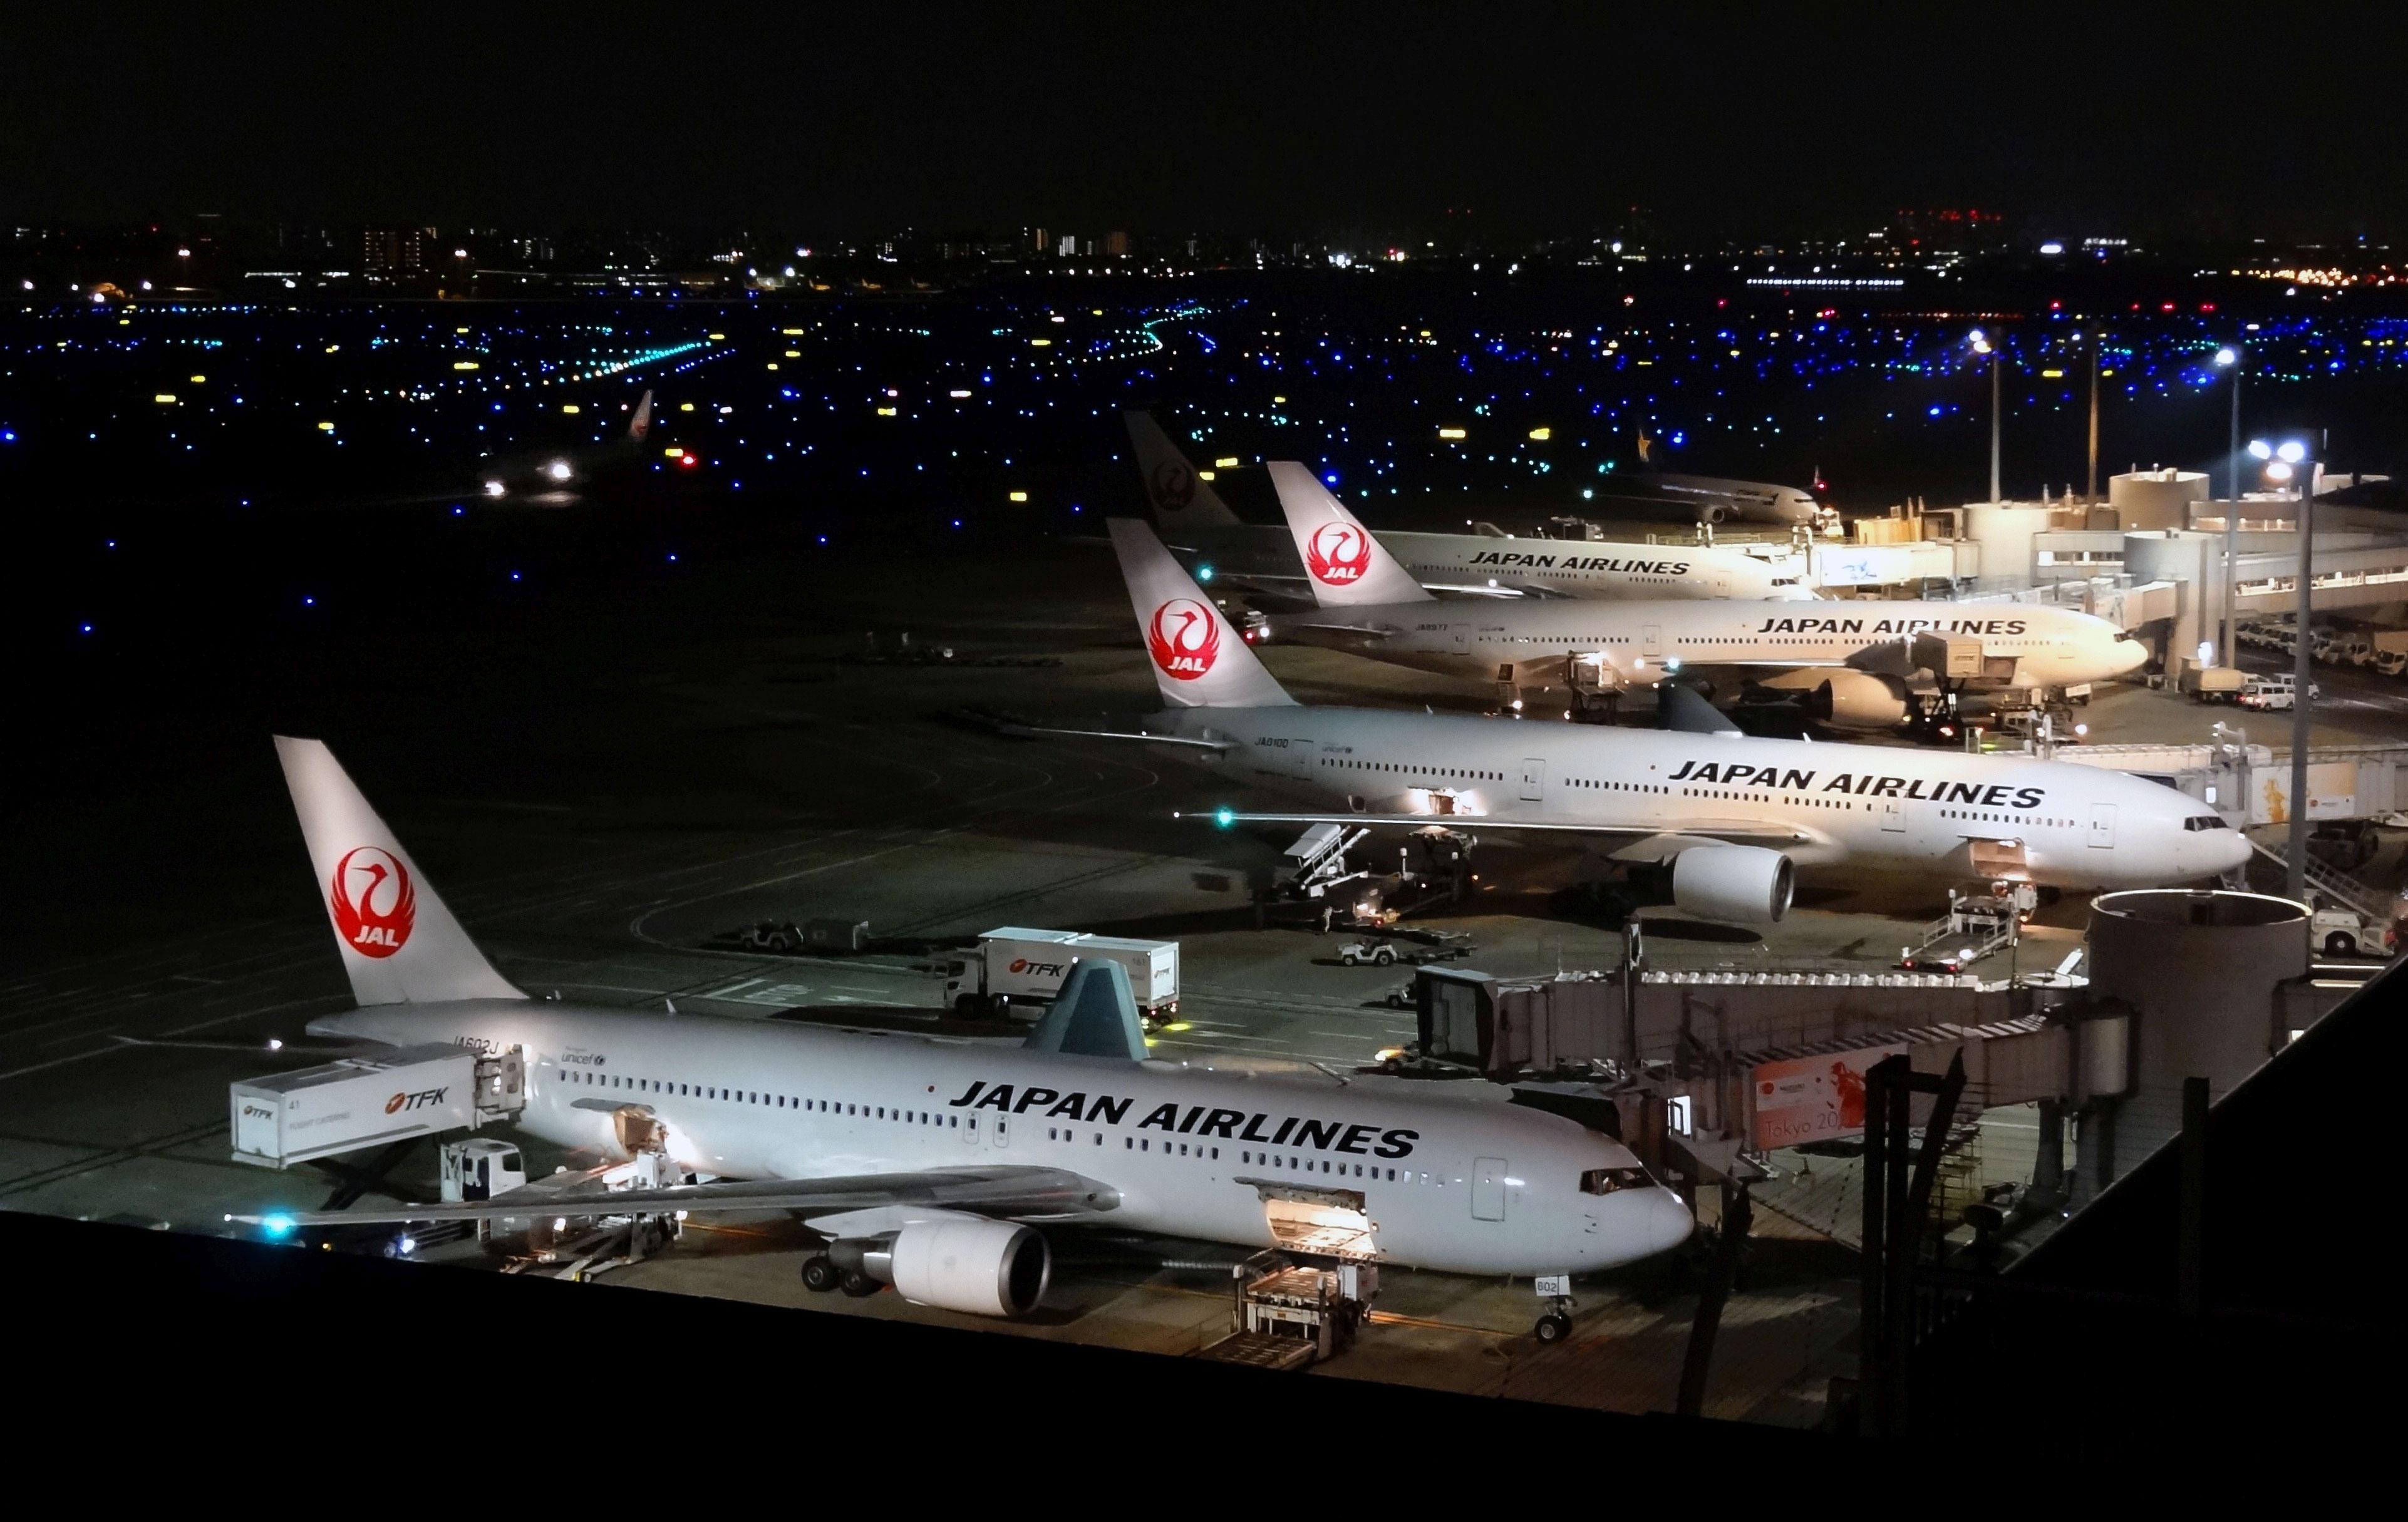 Trafikken i blandt andet Tokyo-Haneda-lufthavnen bliver påvirket af supertyfonen Hagibis. Foto: Banbam1029, CC 4.0